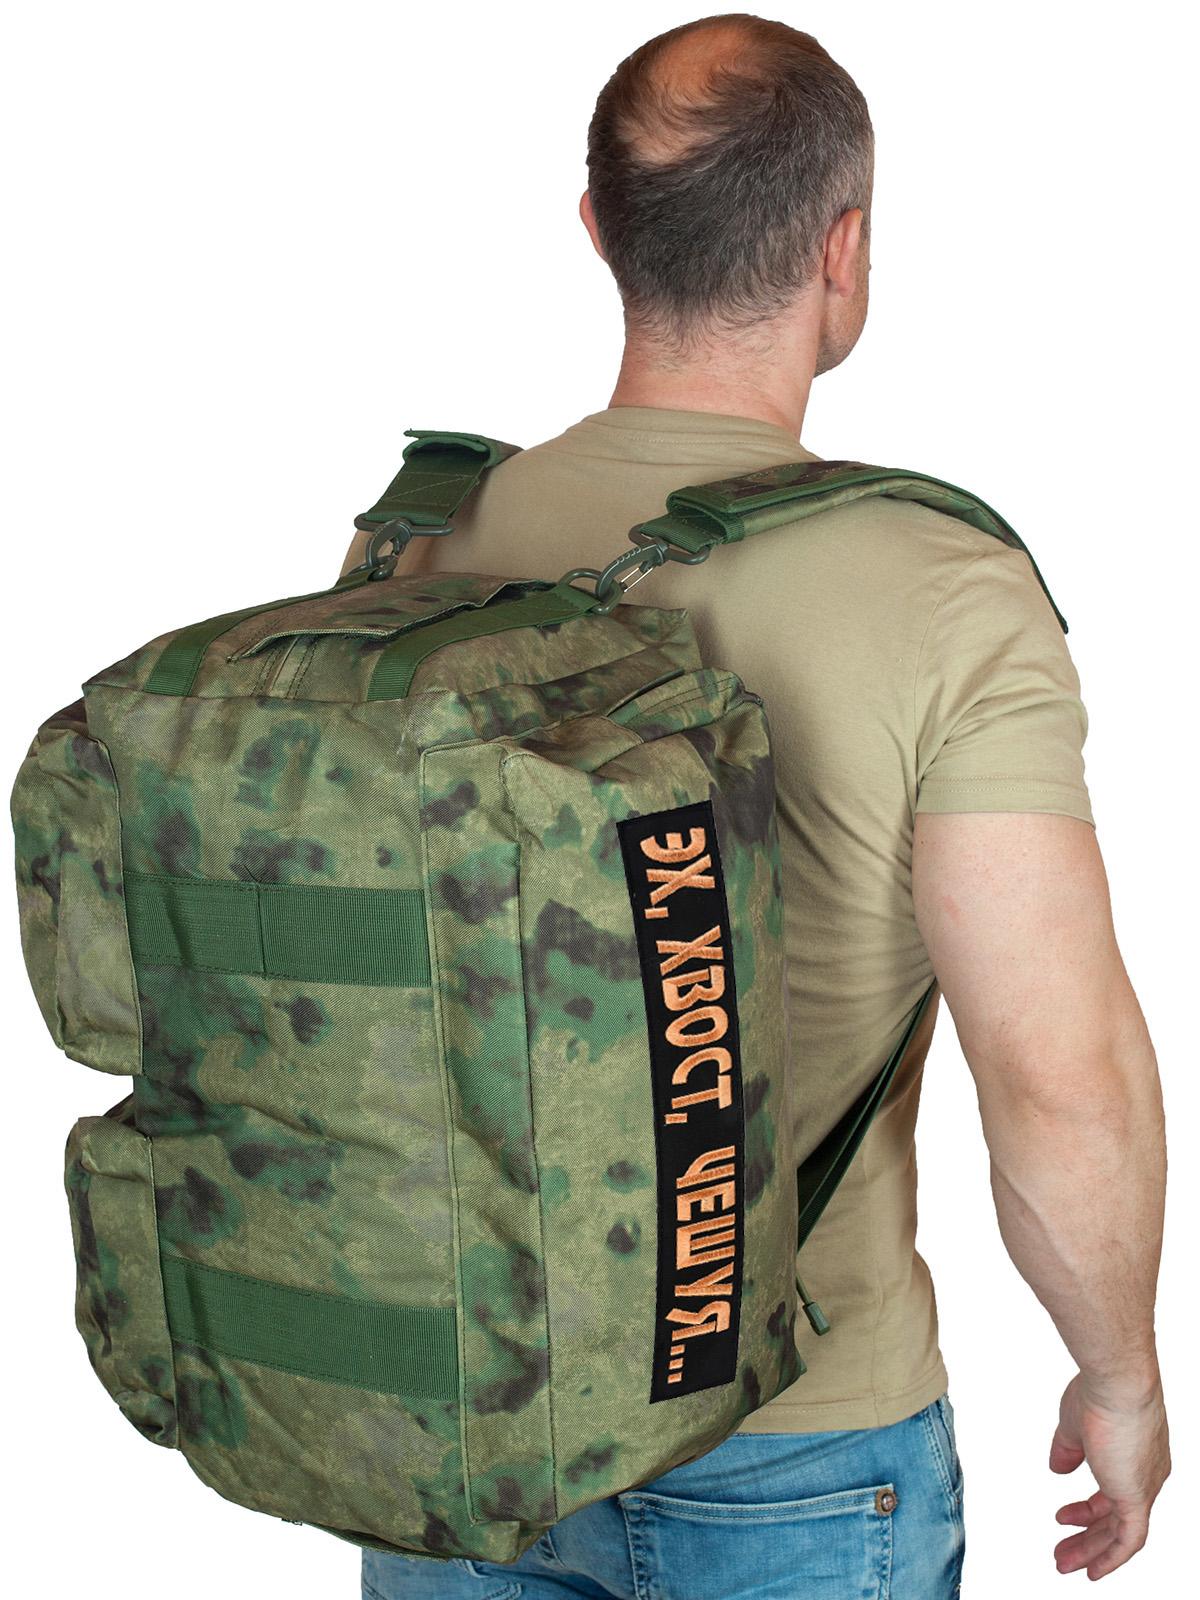 Купить заплечную заплечную сумку с нашивкой Эх, хвост, чешуя по лучшей цене